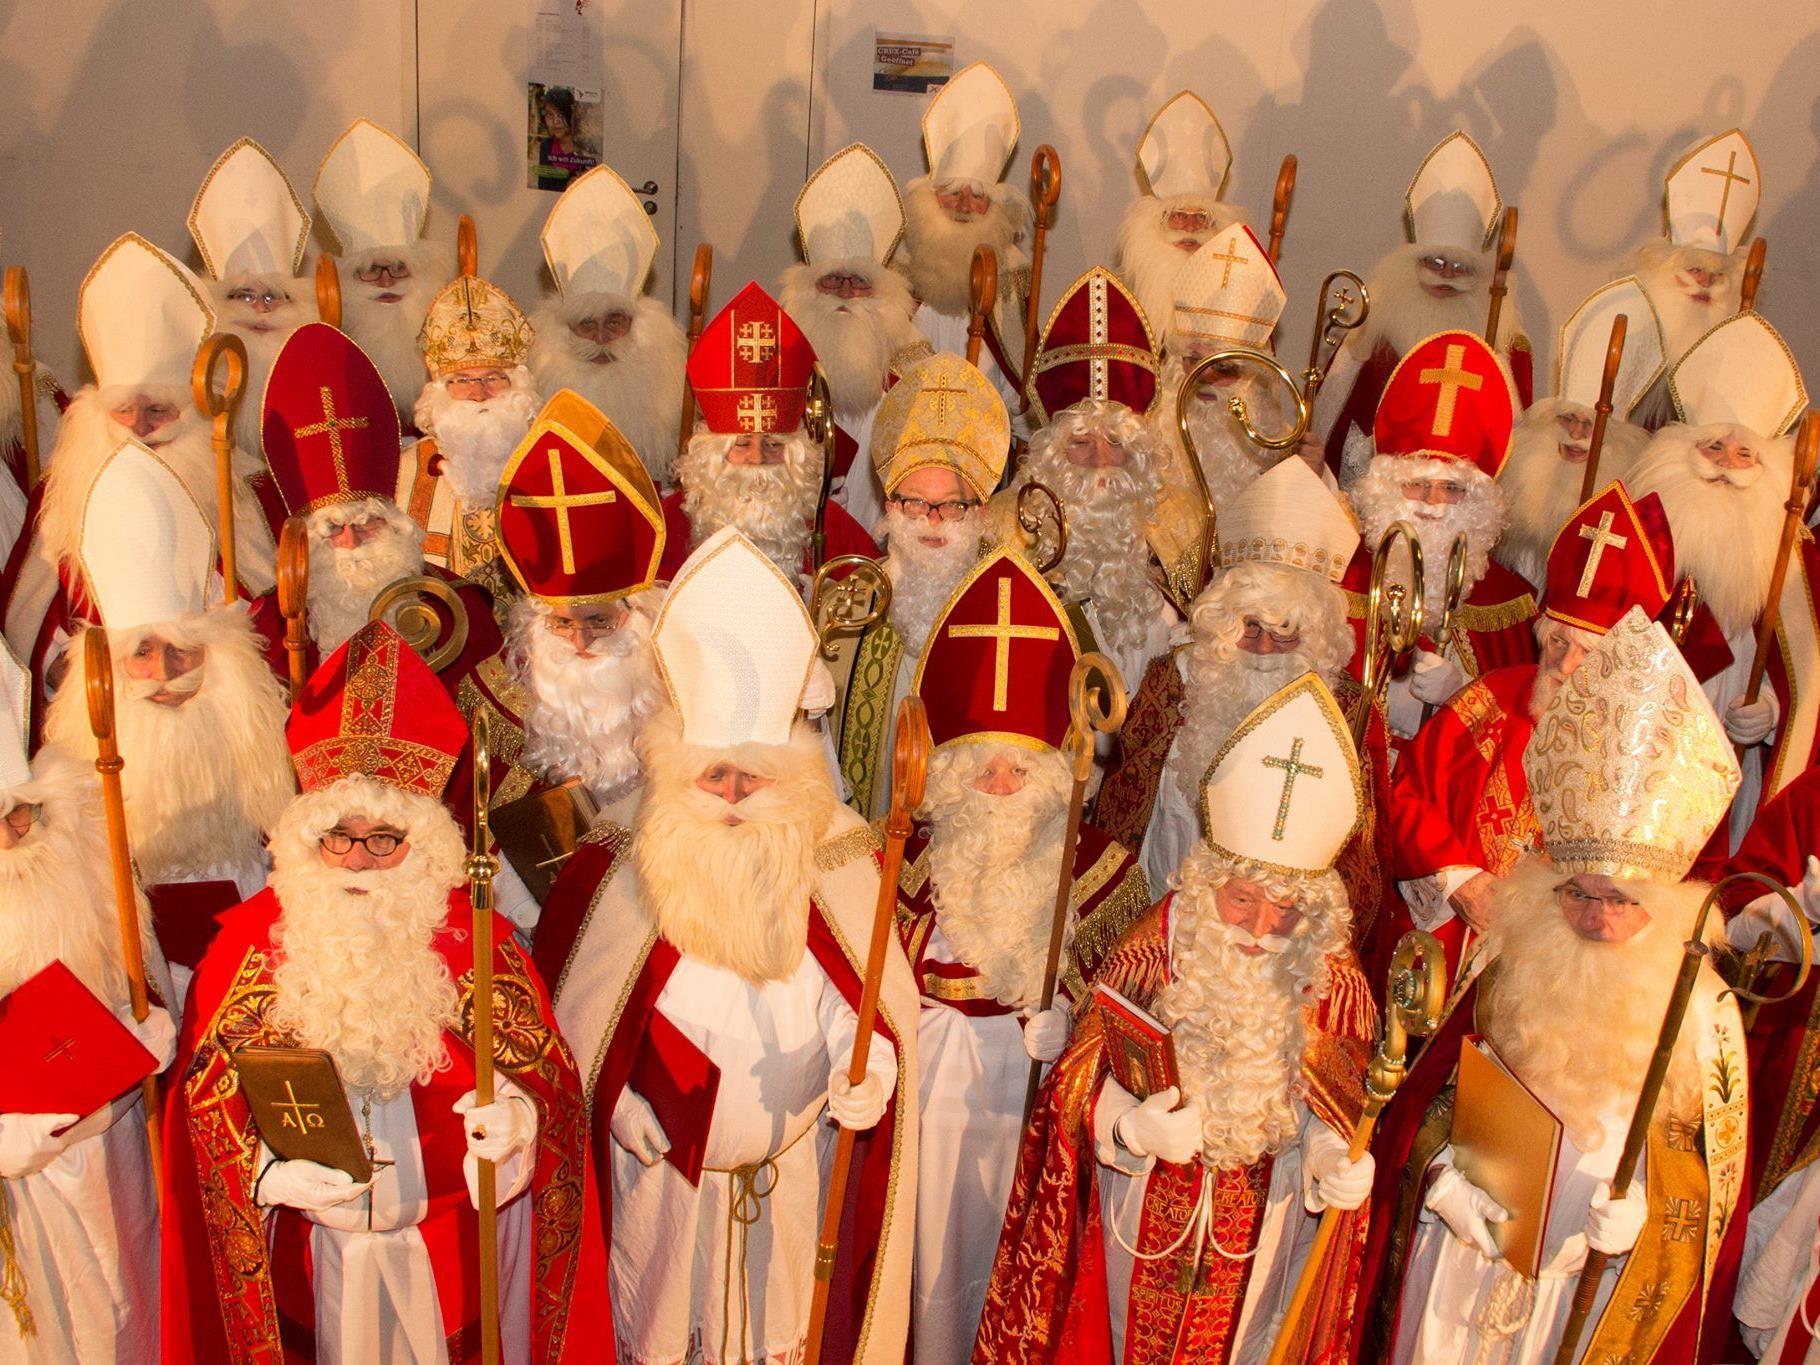 Die Rolle des Hl. Nikolaus aktiviert jedes Jahr mehr Frauen und Männer, die zur Freude vieler Kinder und Erwachsener in den Spuren des  gutherzigen Kinderfreundes unterwegs sind.